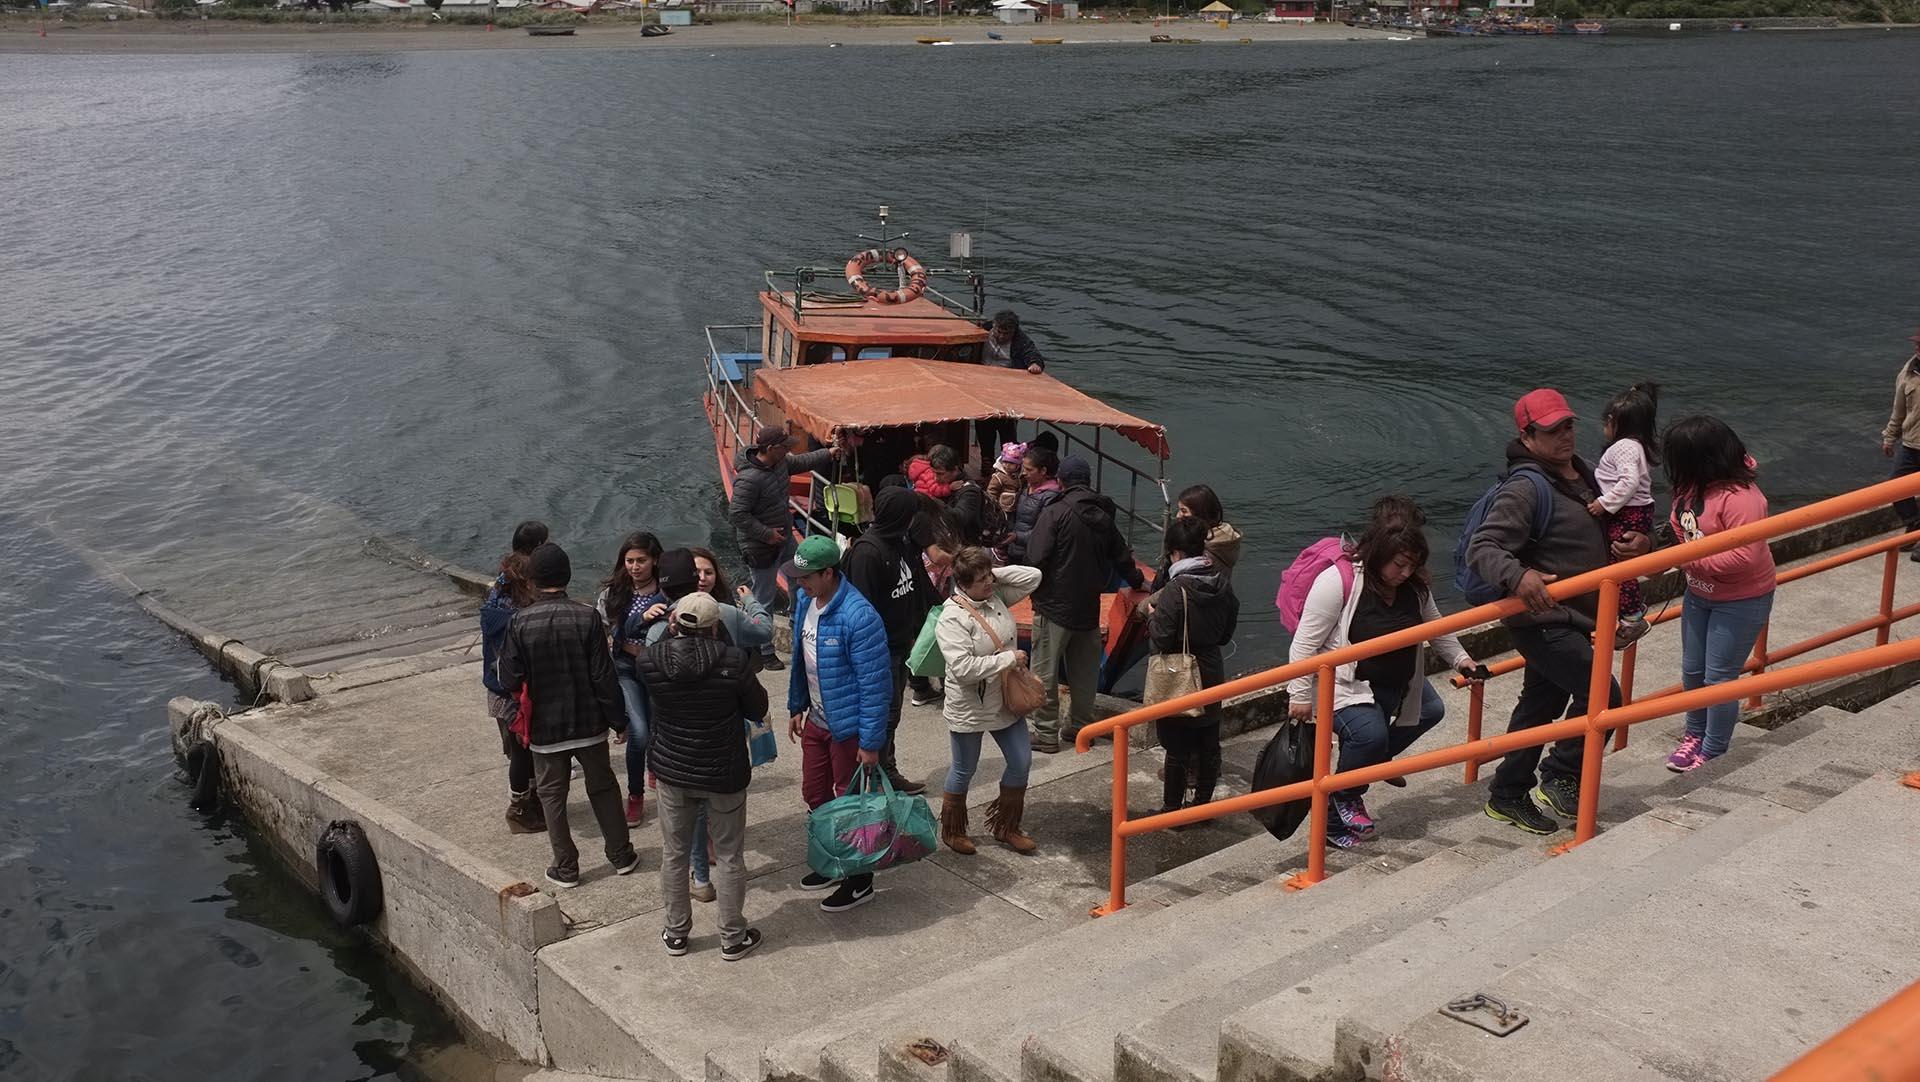 En Puerto Montt la gente también evacúa en pequeños barcos pesqueros